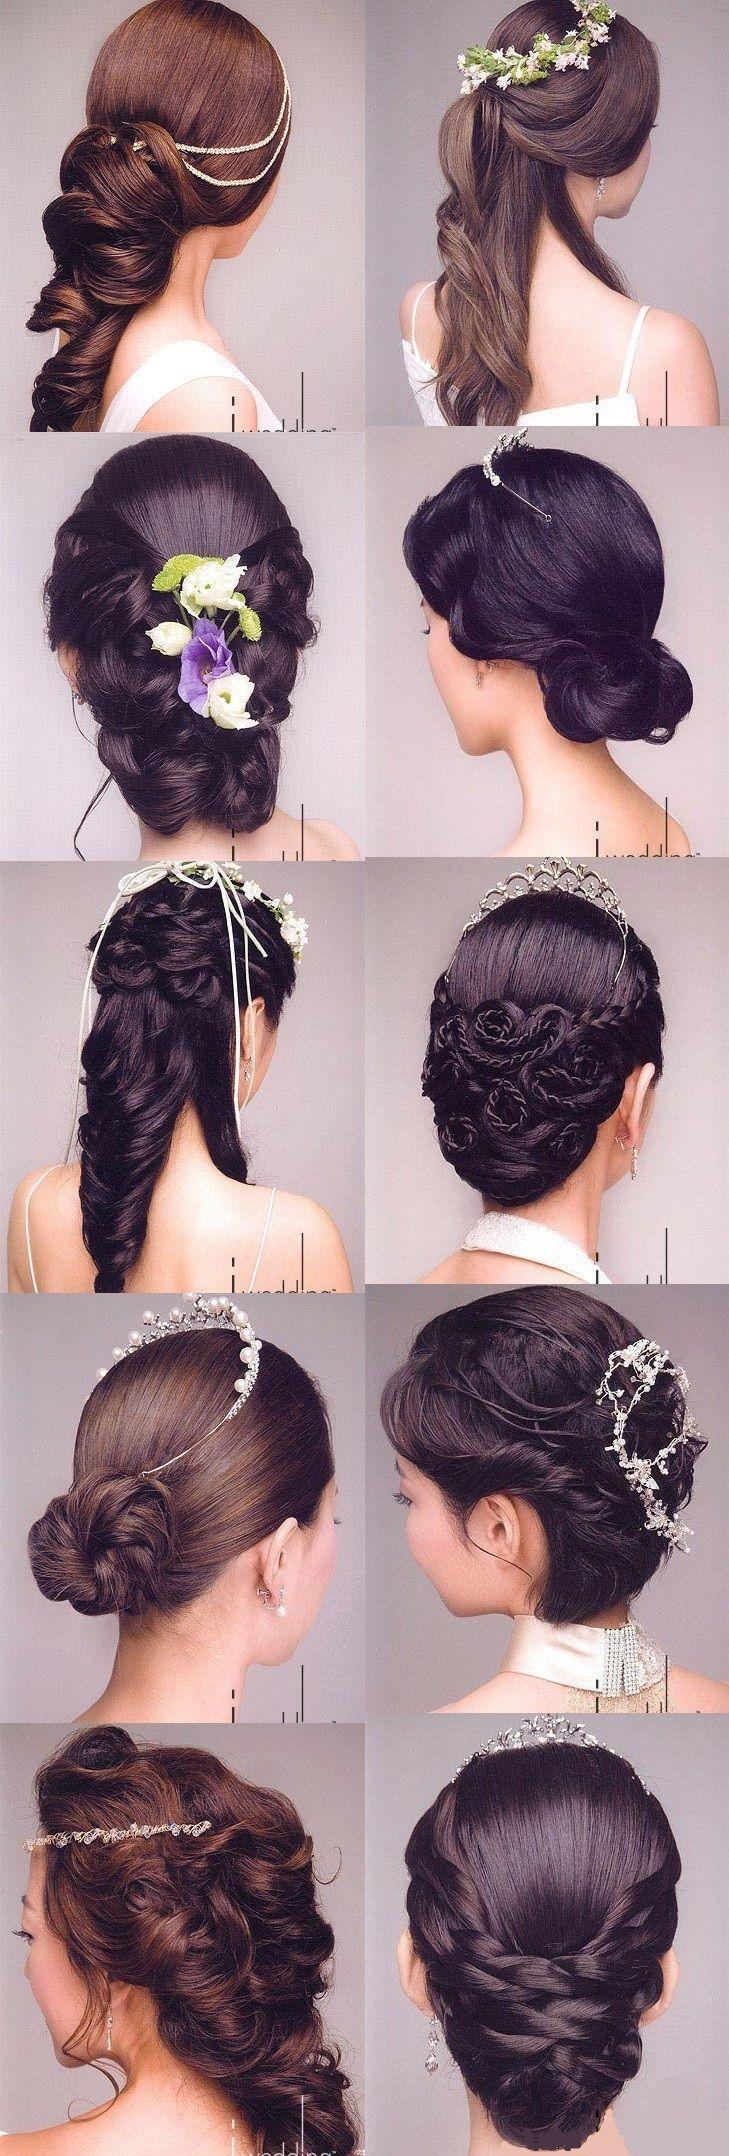 Прически на длинные волосы своими руками пошагово на свадьбу